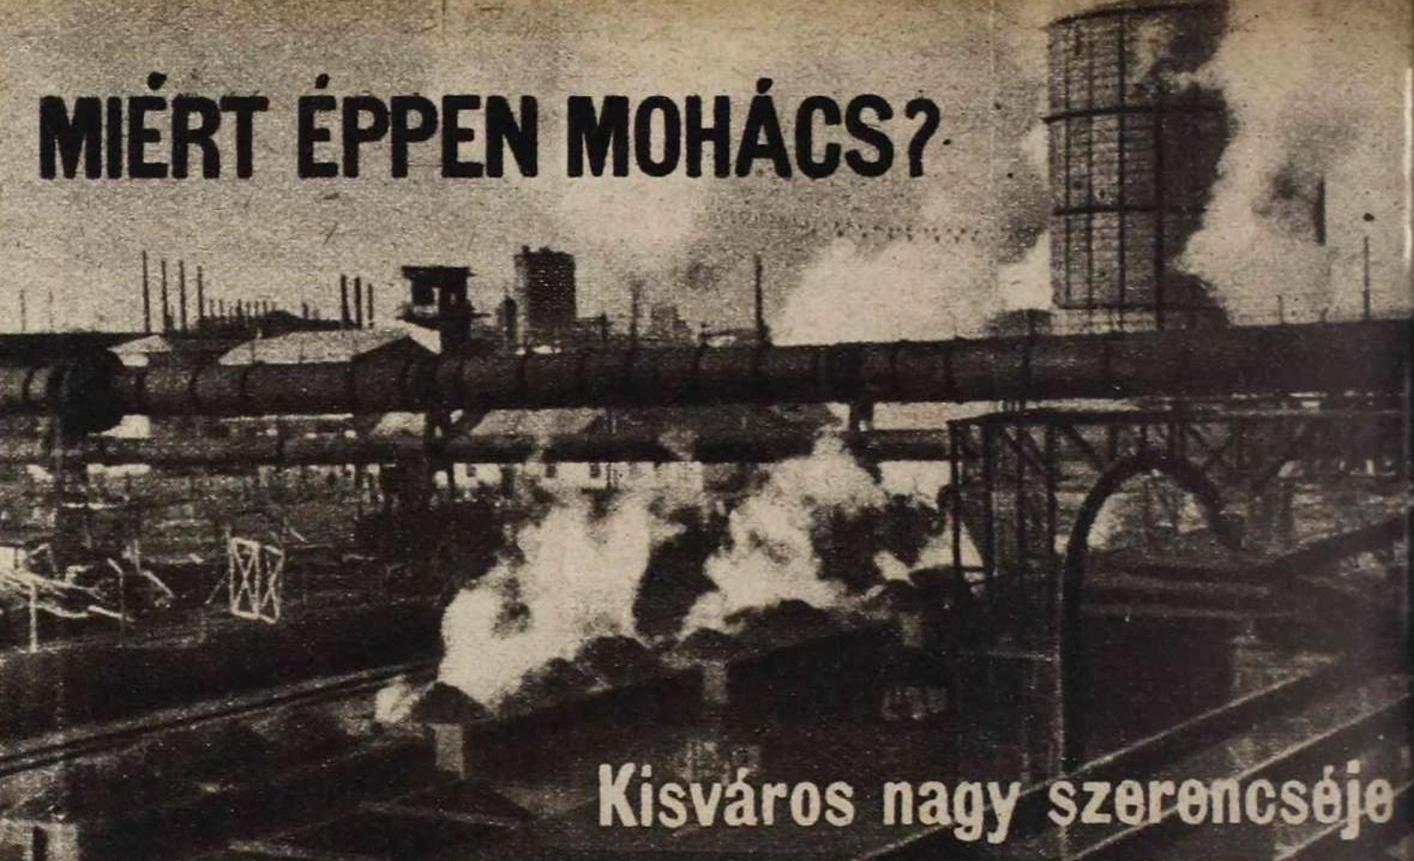 Miért éppen Mohács?